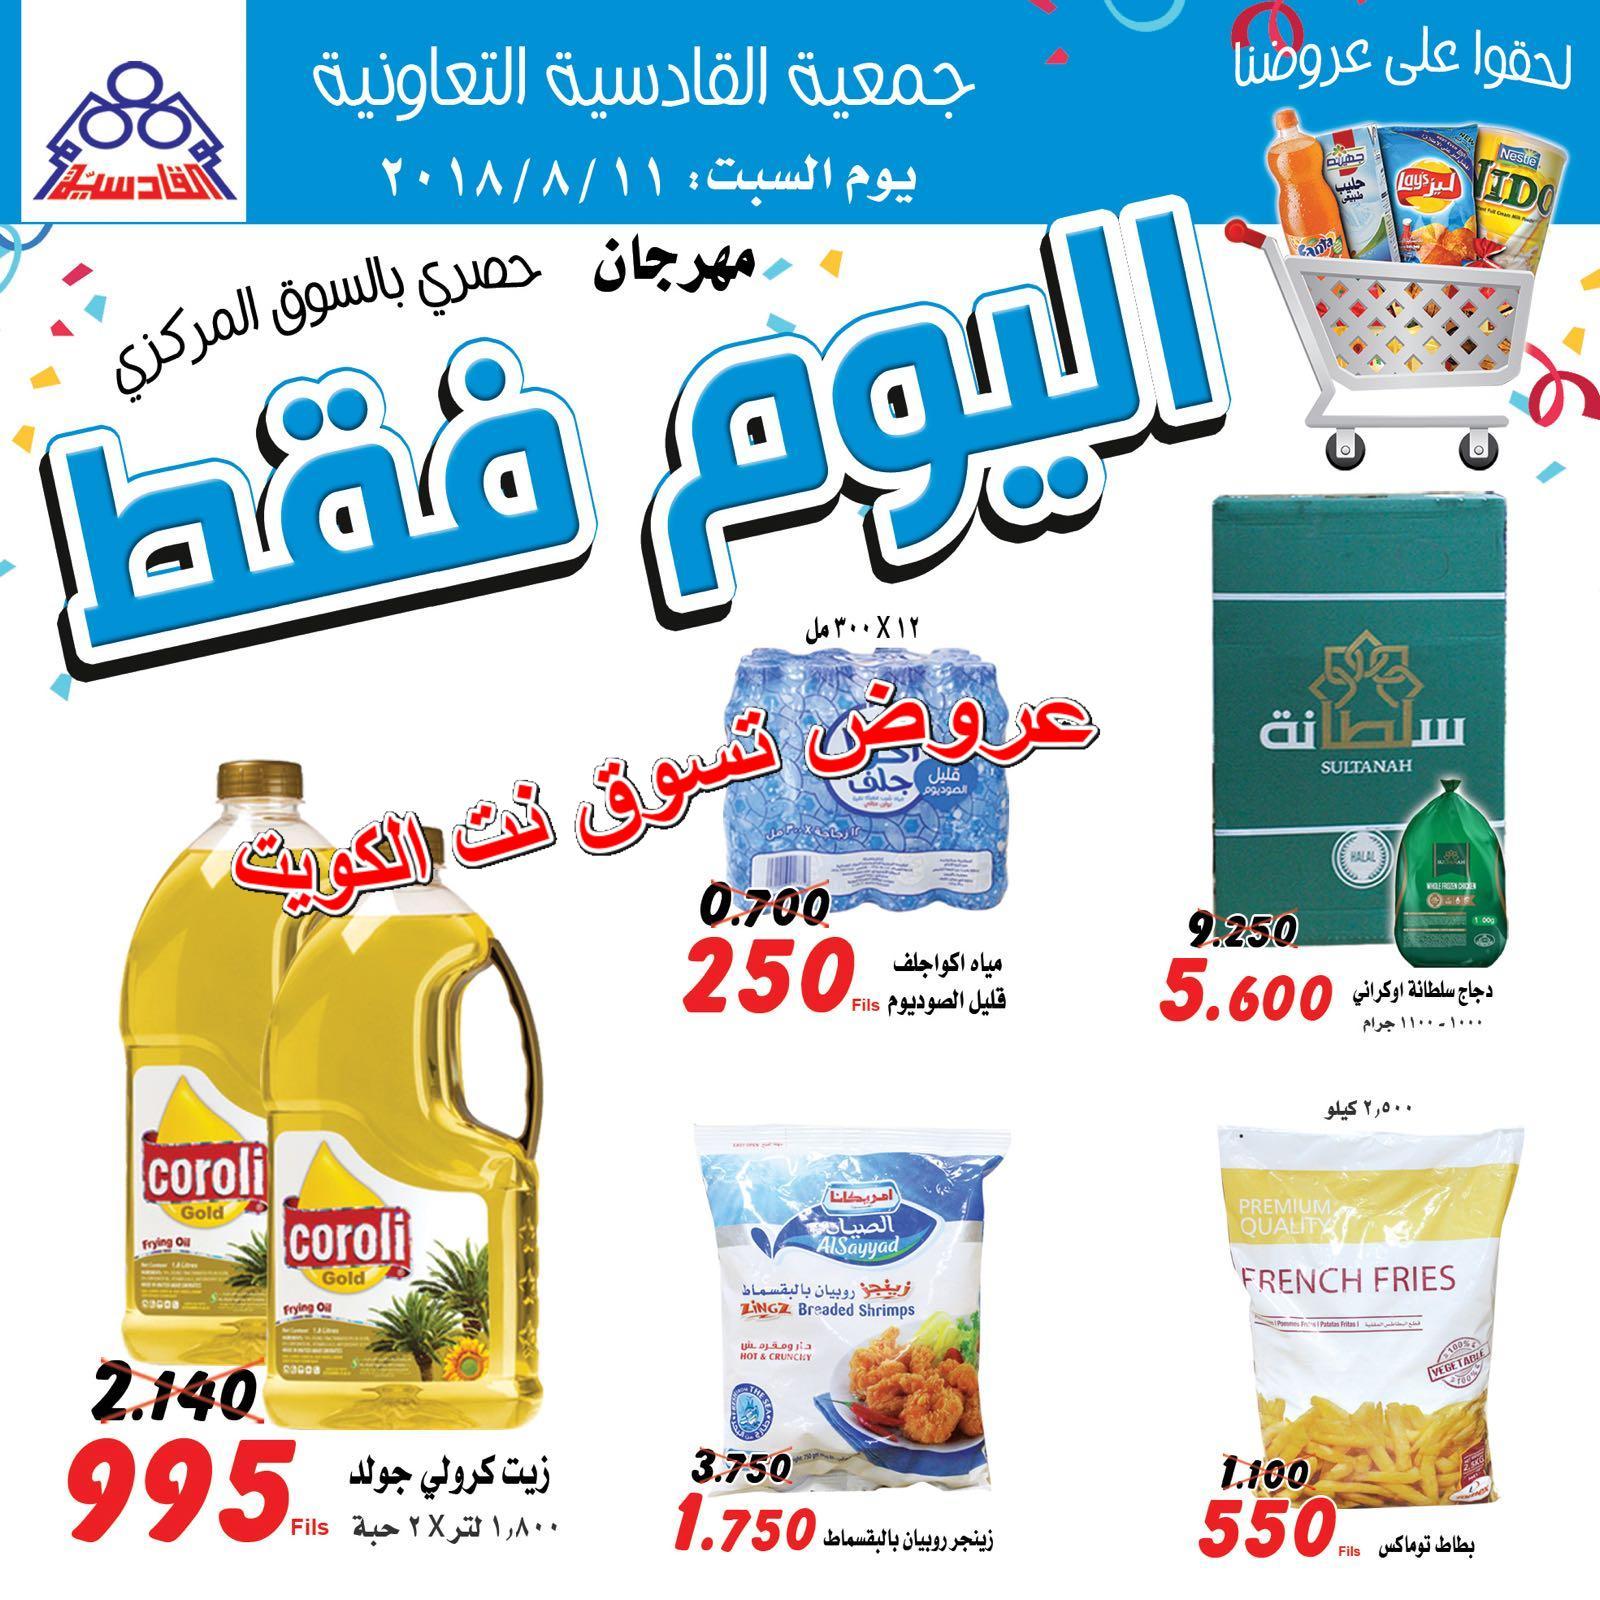 b079648627713 عروض جمعية القادسية التعاونية الكويت فقط السبت 11 أغسطس 2018